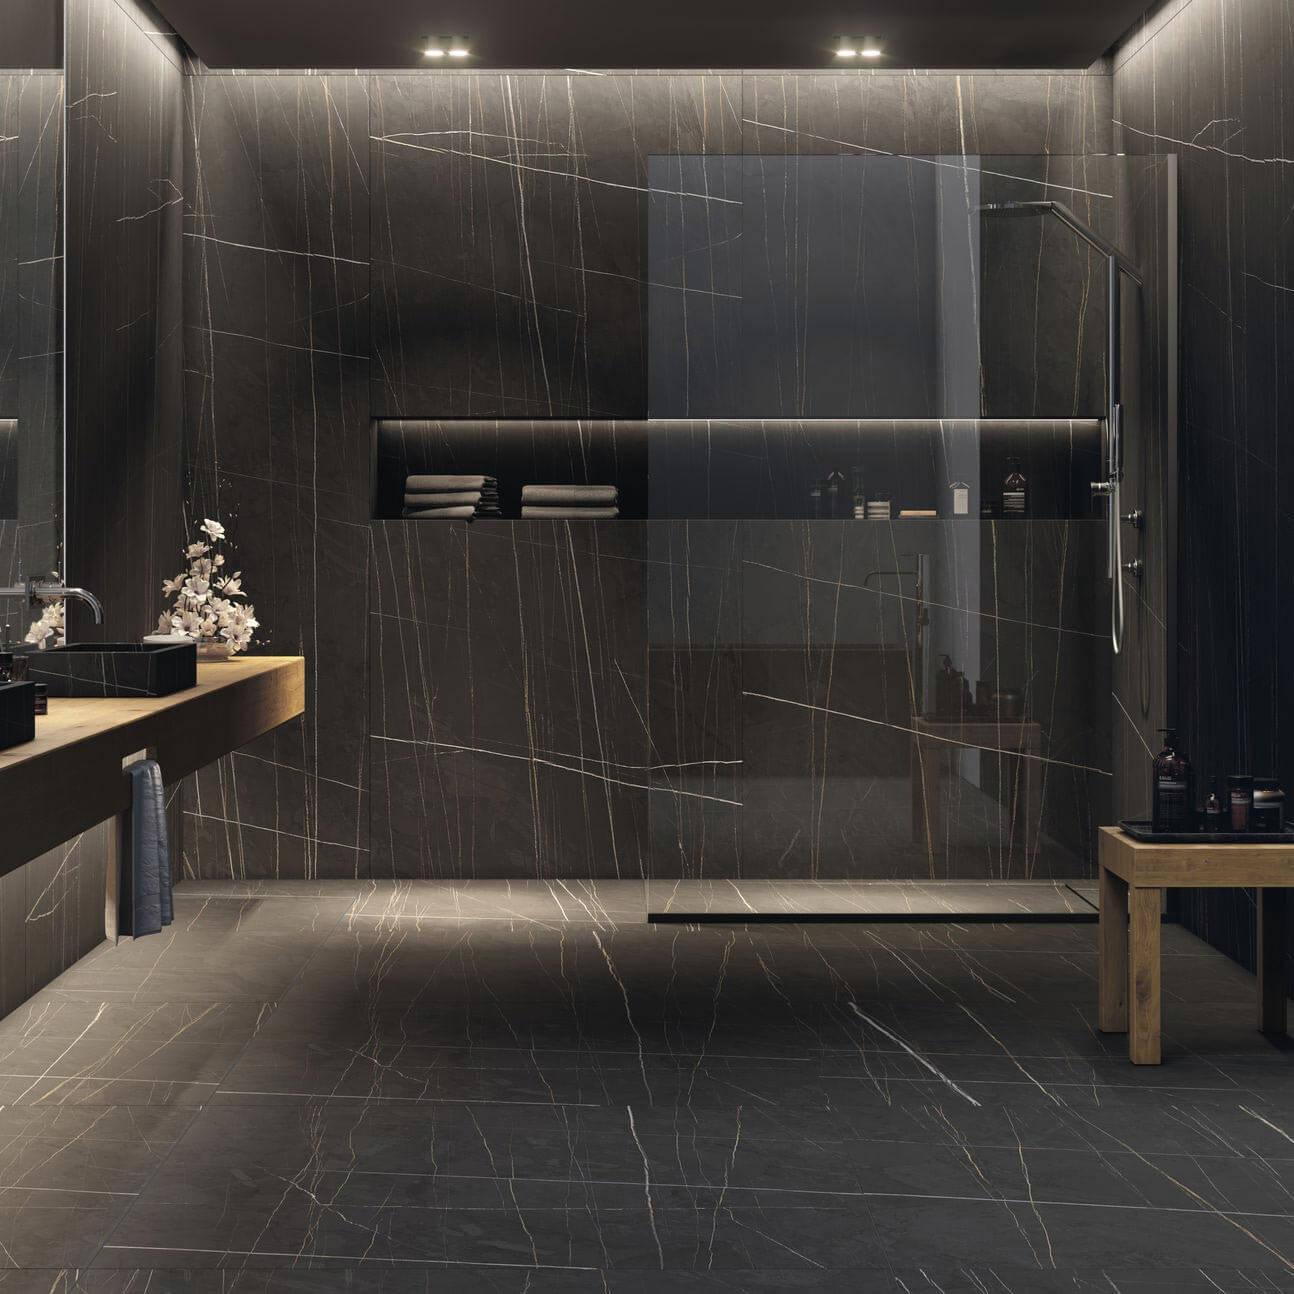 Carrelage sol et mur aspect marbre noir Sahara mat 120x120 cm rectifié